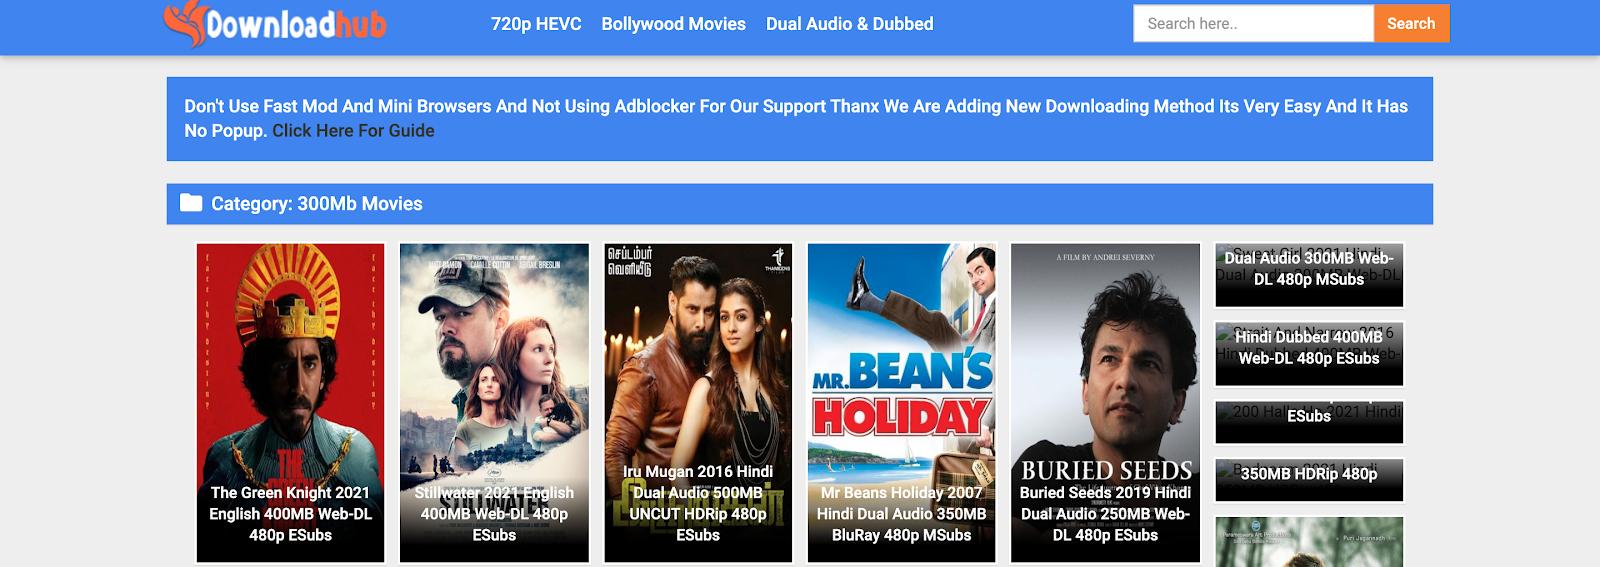 downloadhub 300mb movies